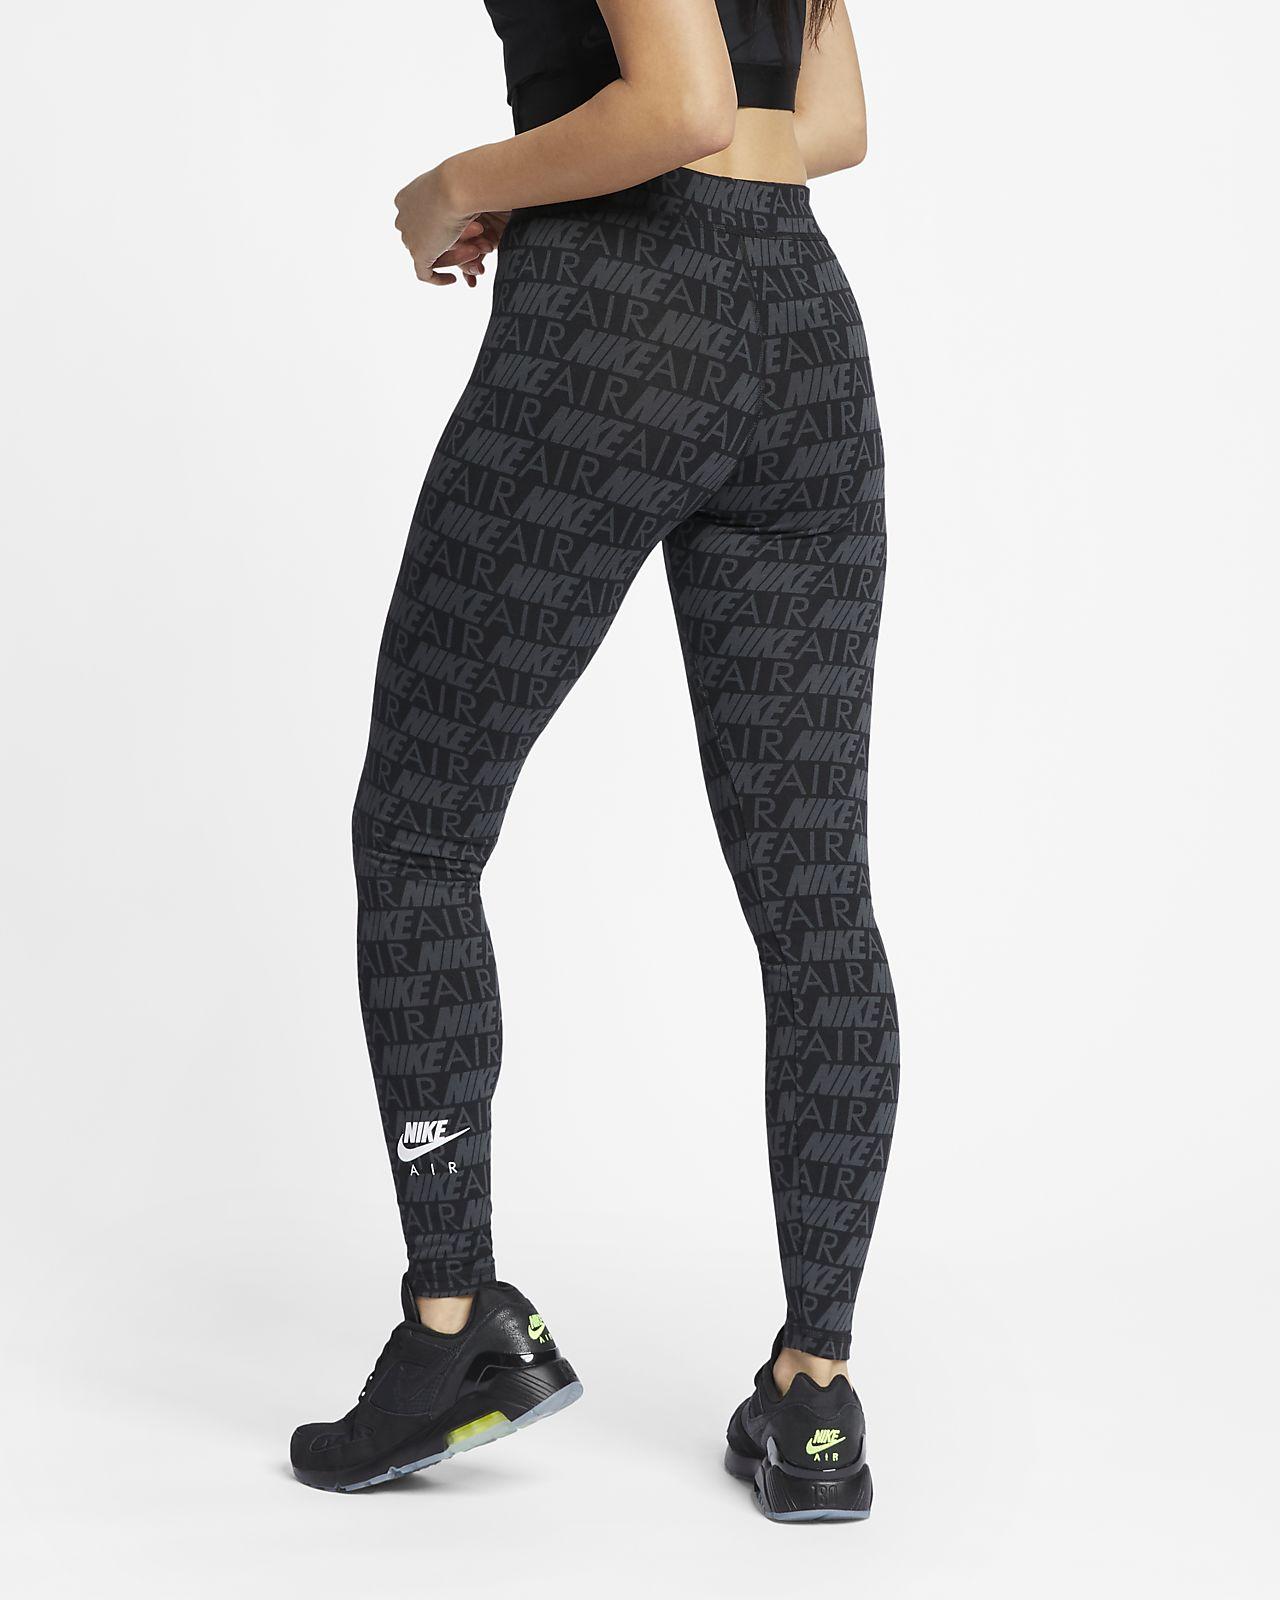 6d5ec9023f6db Women's Printed Leggings. Nike Air. £29.95. Low Resolution ...